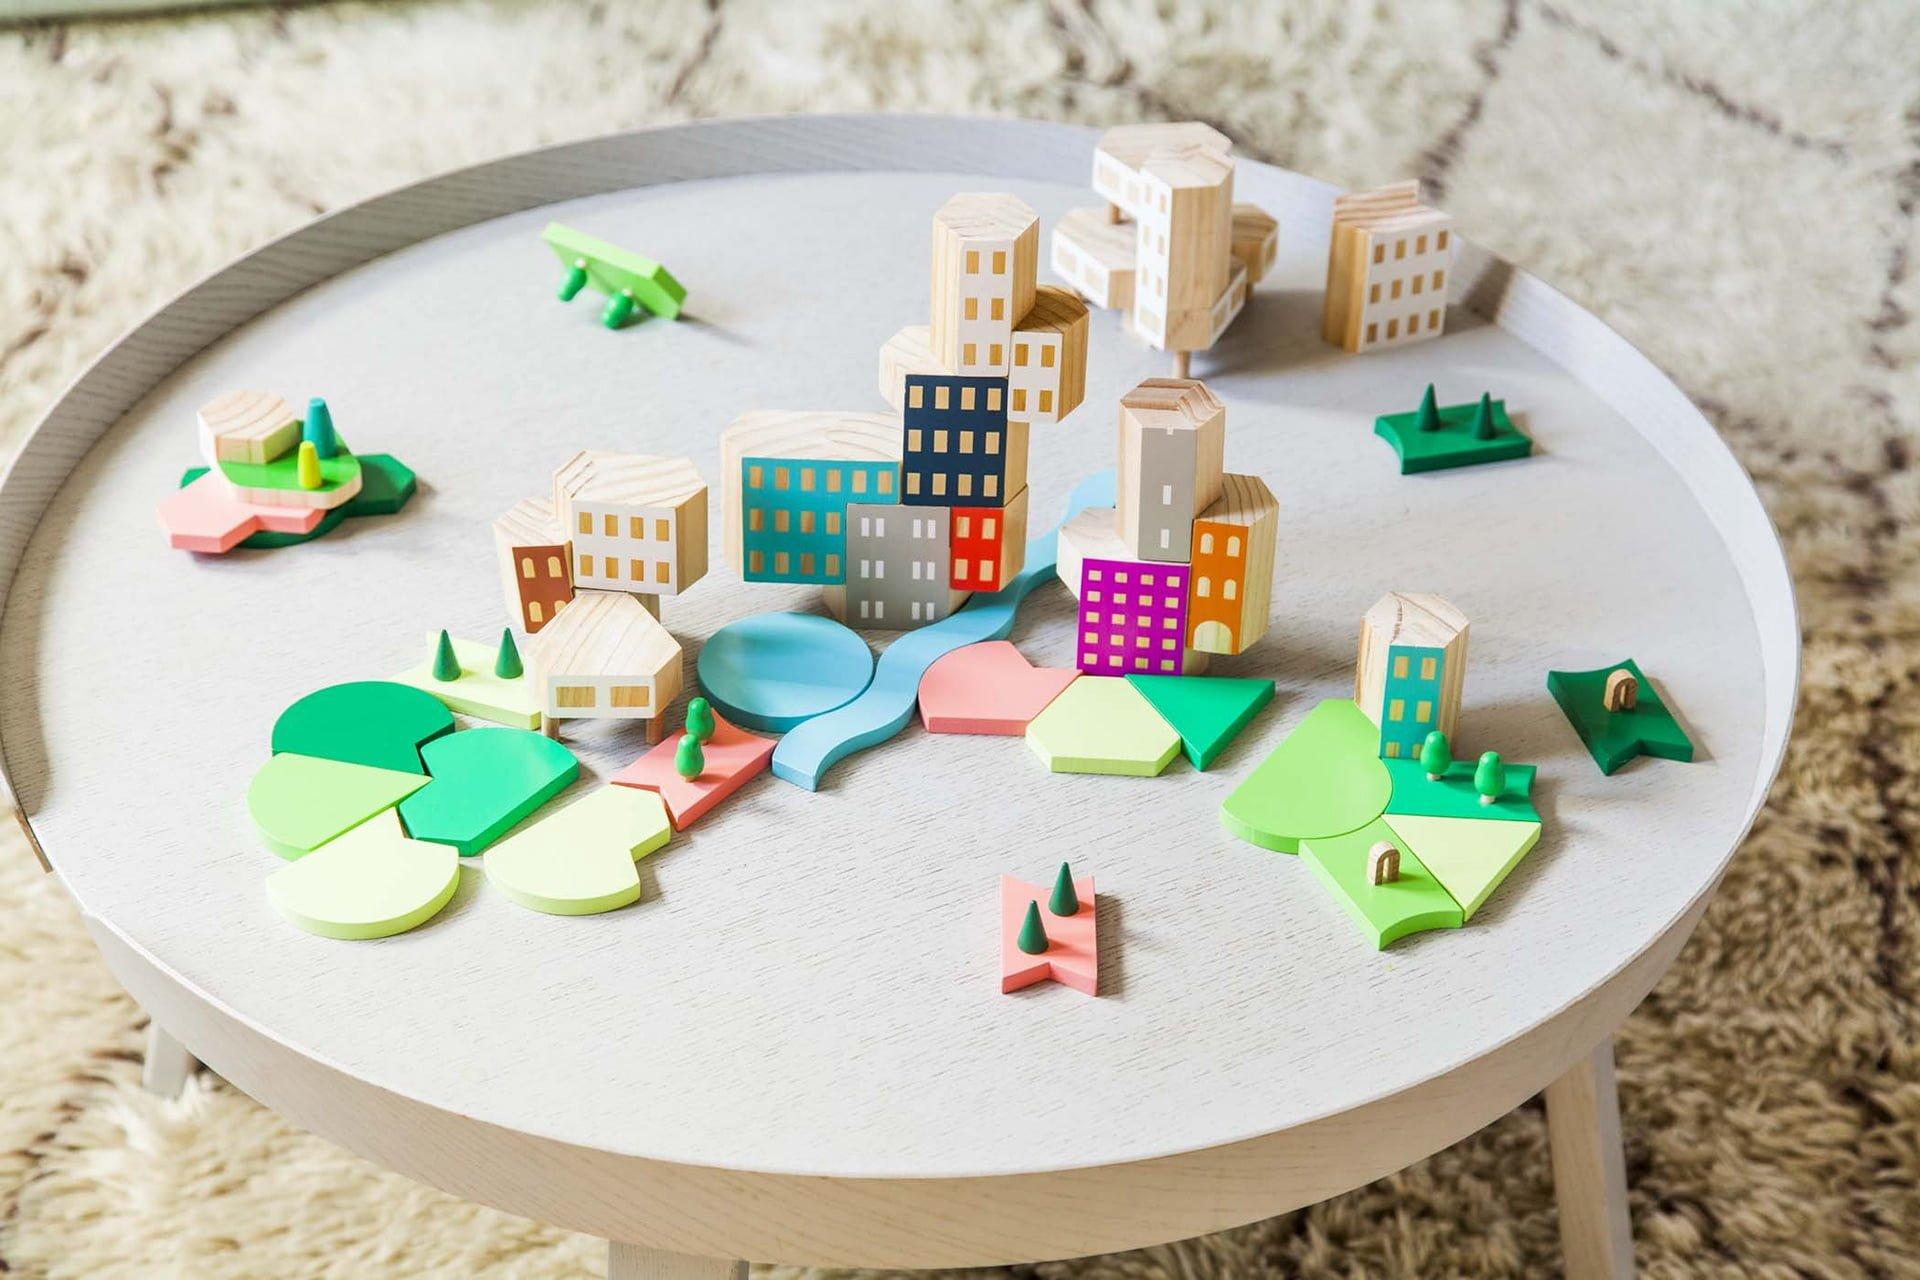 Çocuklar ve Çocuk Kalanlar için Mimari Oyuncaklar: Blockitecture